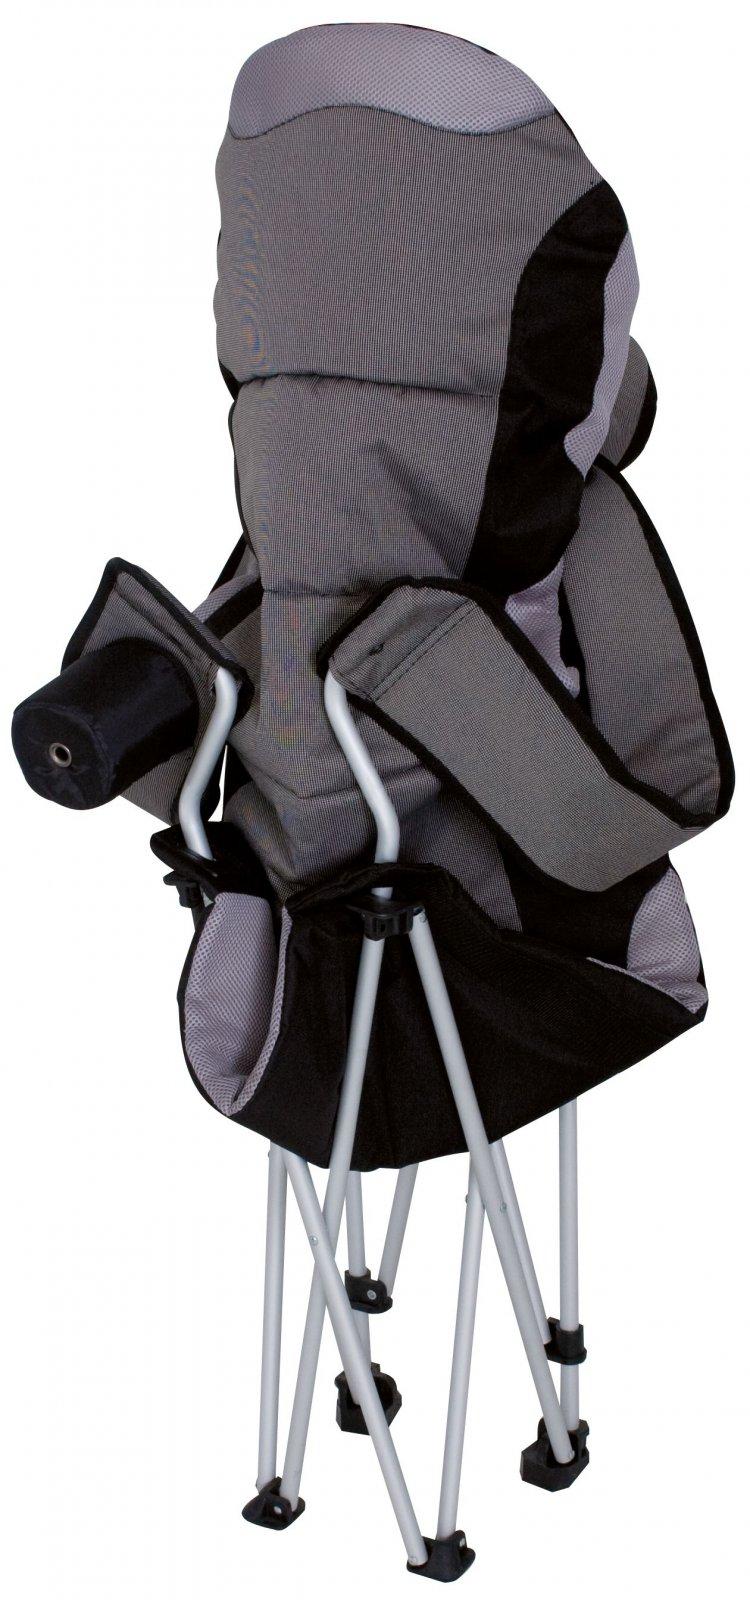 sentier de l 39 euro chaise camping jardin chaise p cheur chaise pliante julien ebay. Black Bedroom Furniture Sets. Home Design Ideas